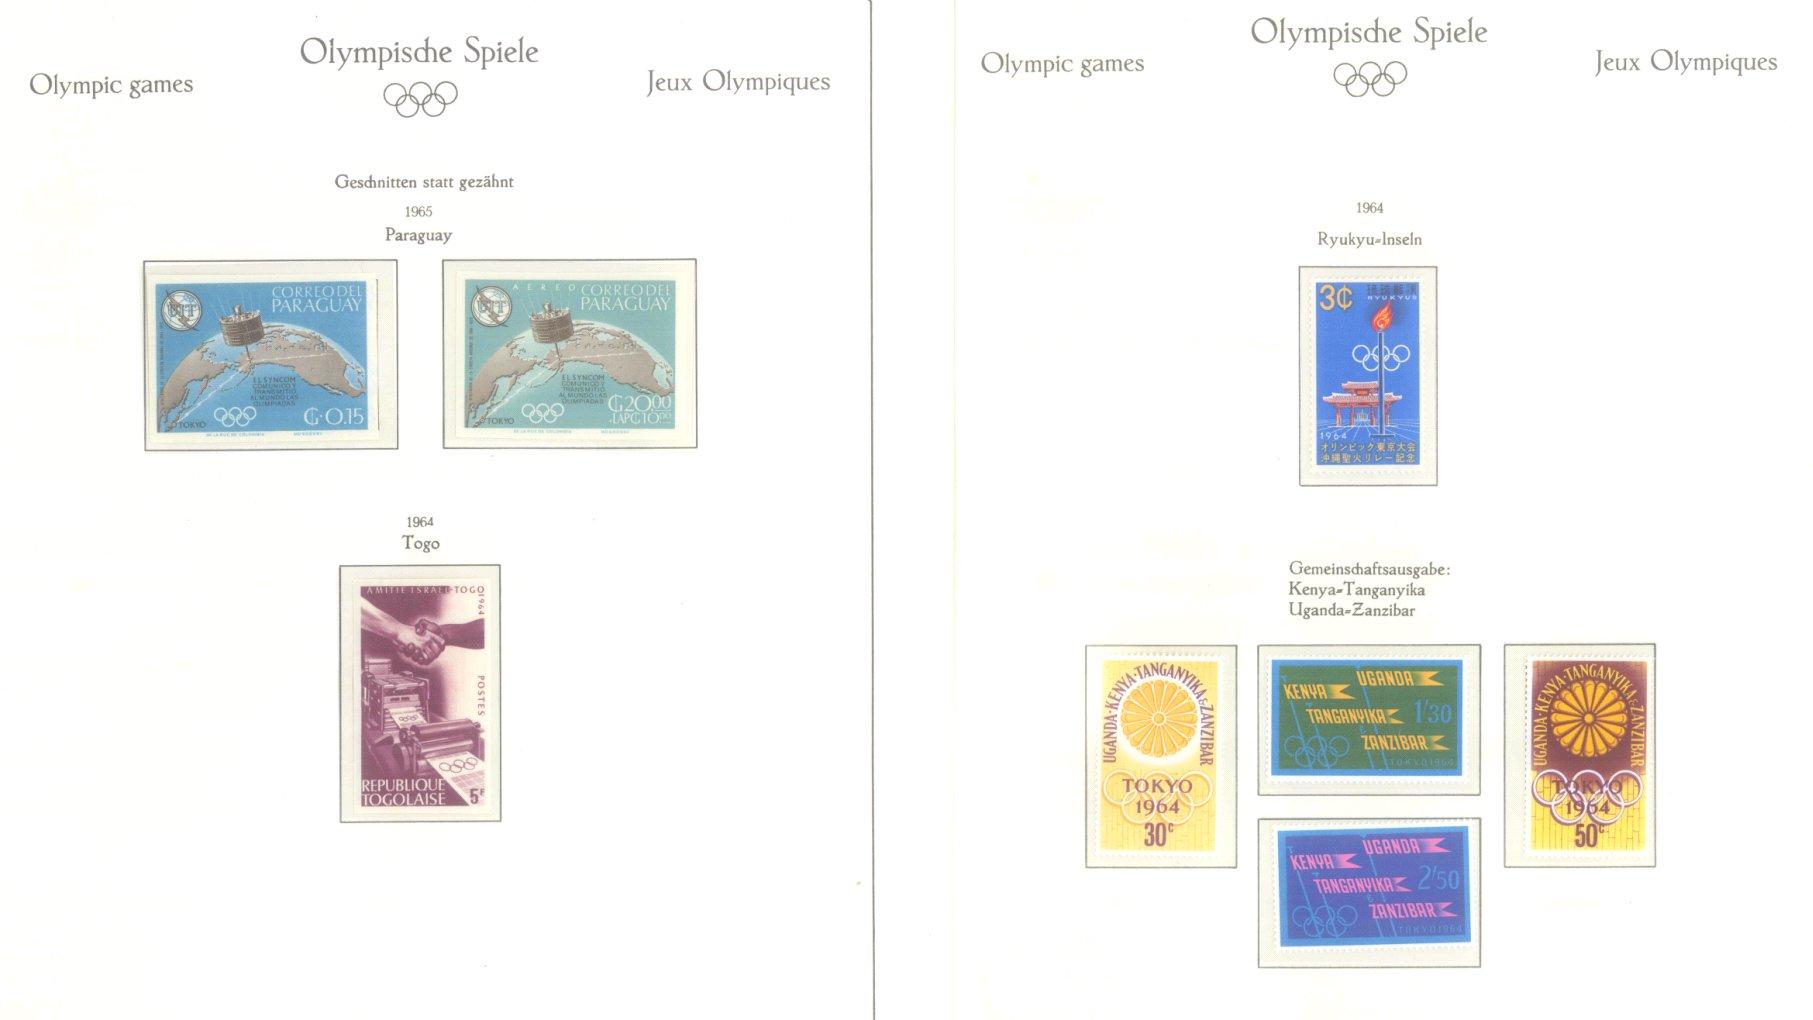 OLYMPISCHE SPIELE 1964 TOKIO, postfrische Sammlung Teil 2-38